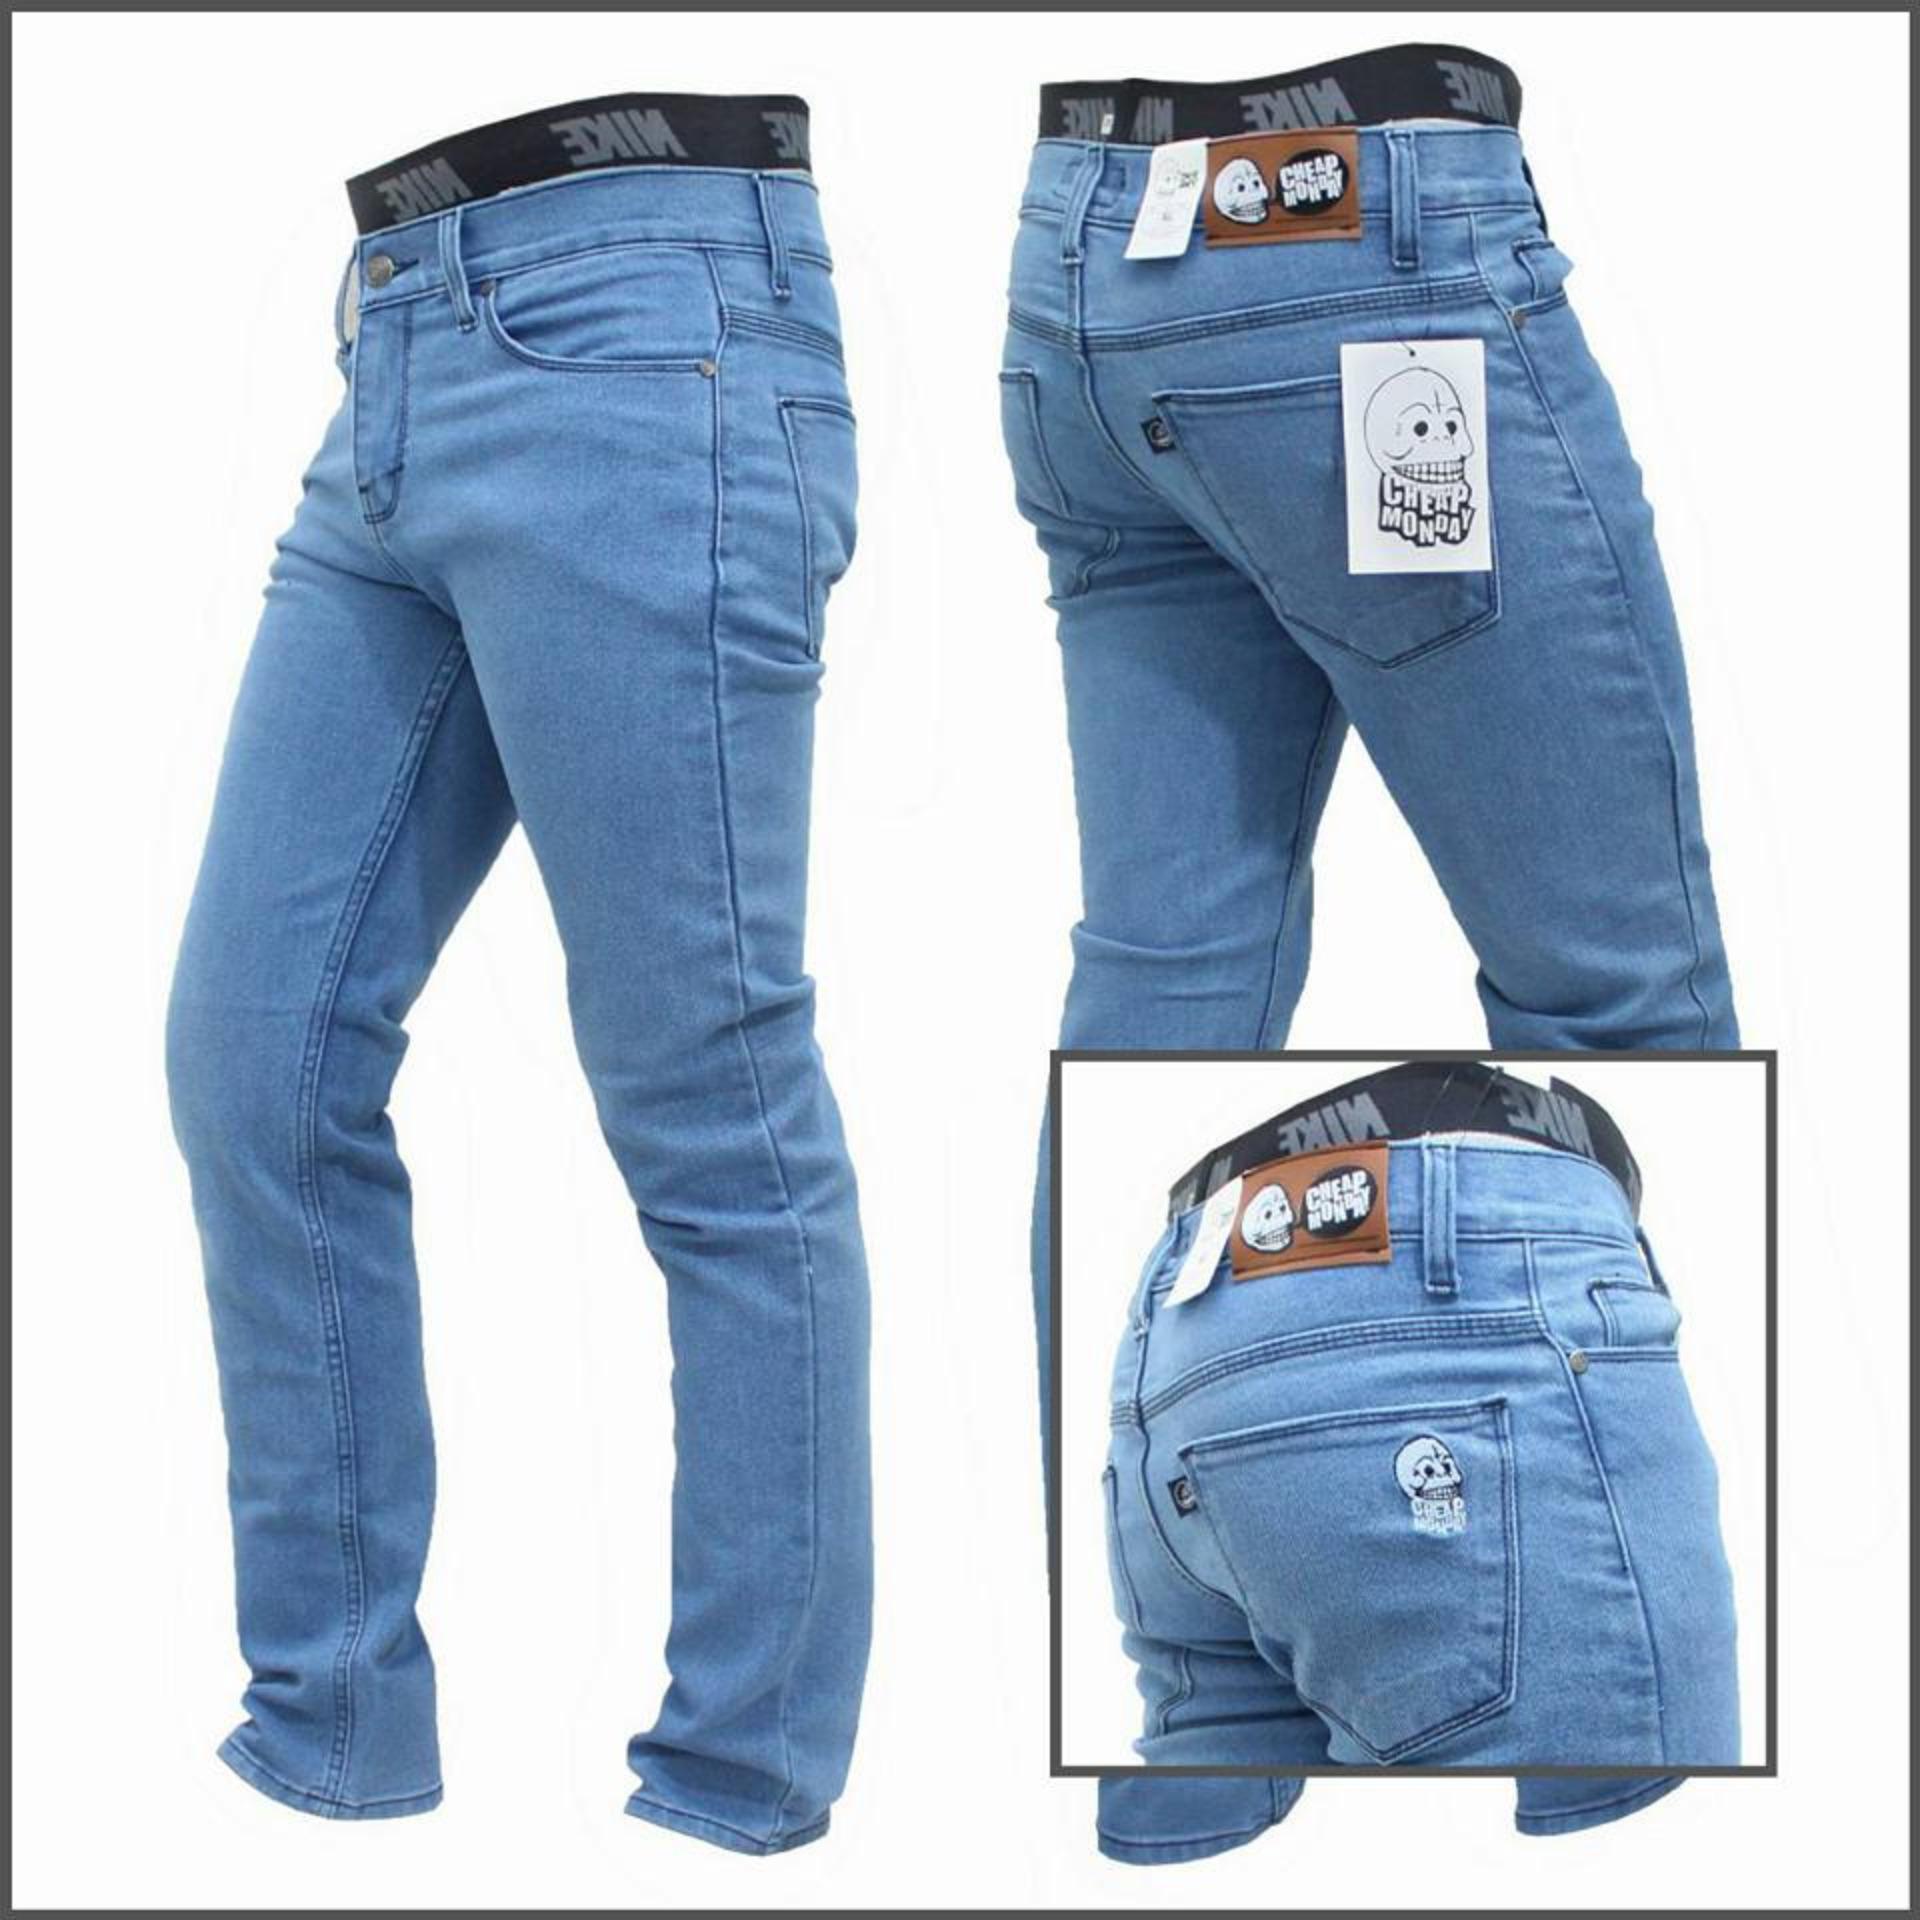 Best Seller Celana Panjang Jeans Skinny Pensil Cheap Monday - Biru Muda (BioBlitz)